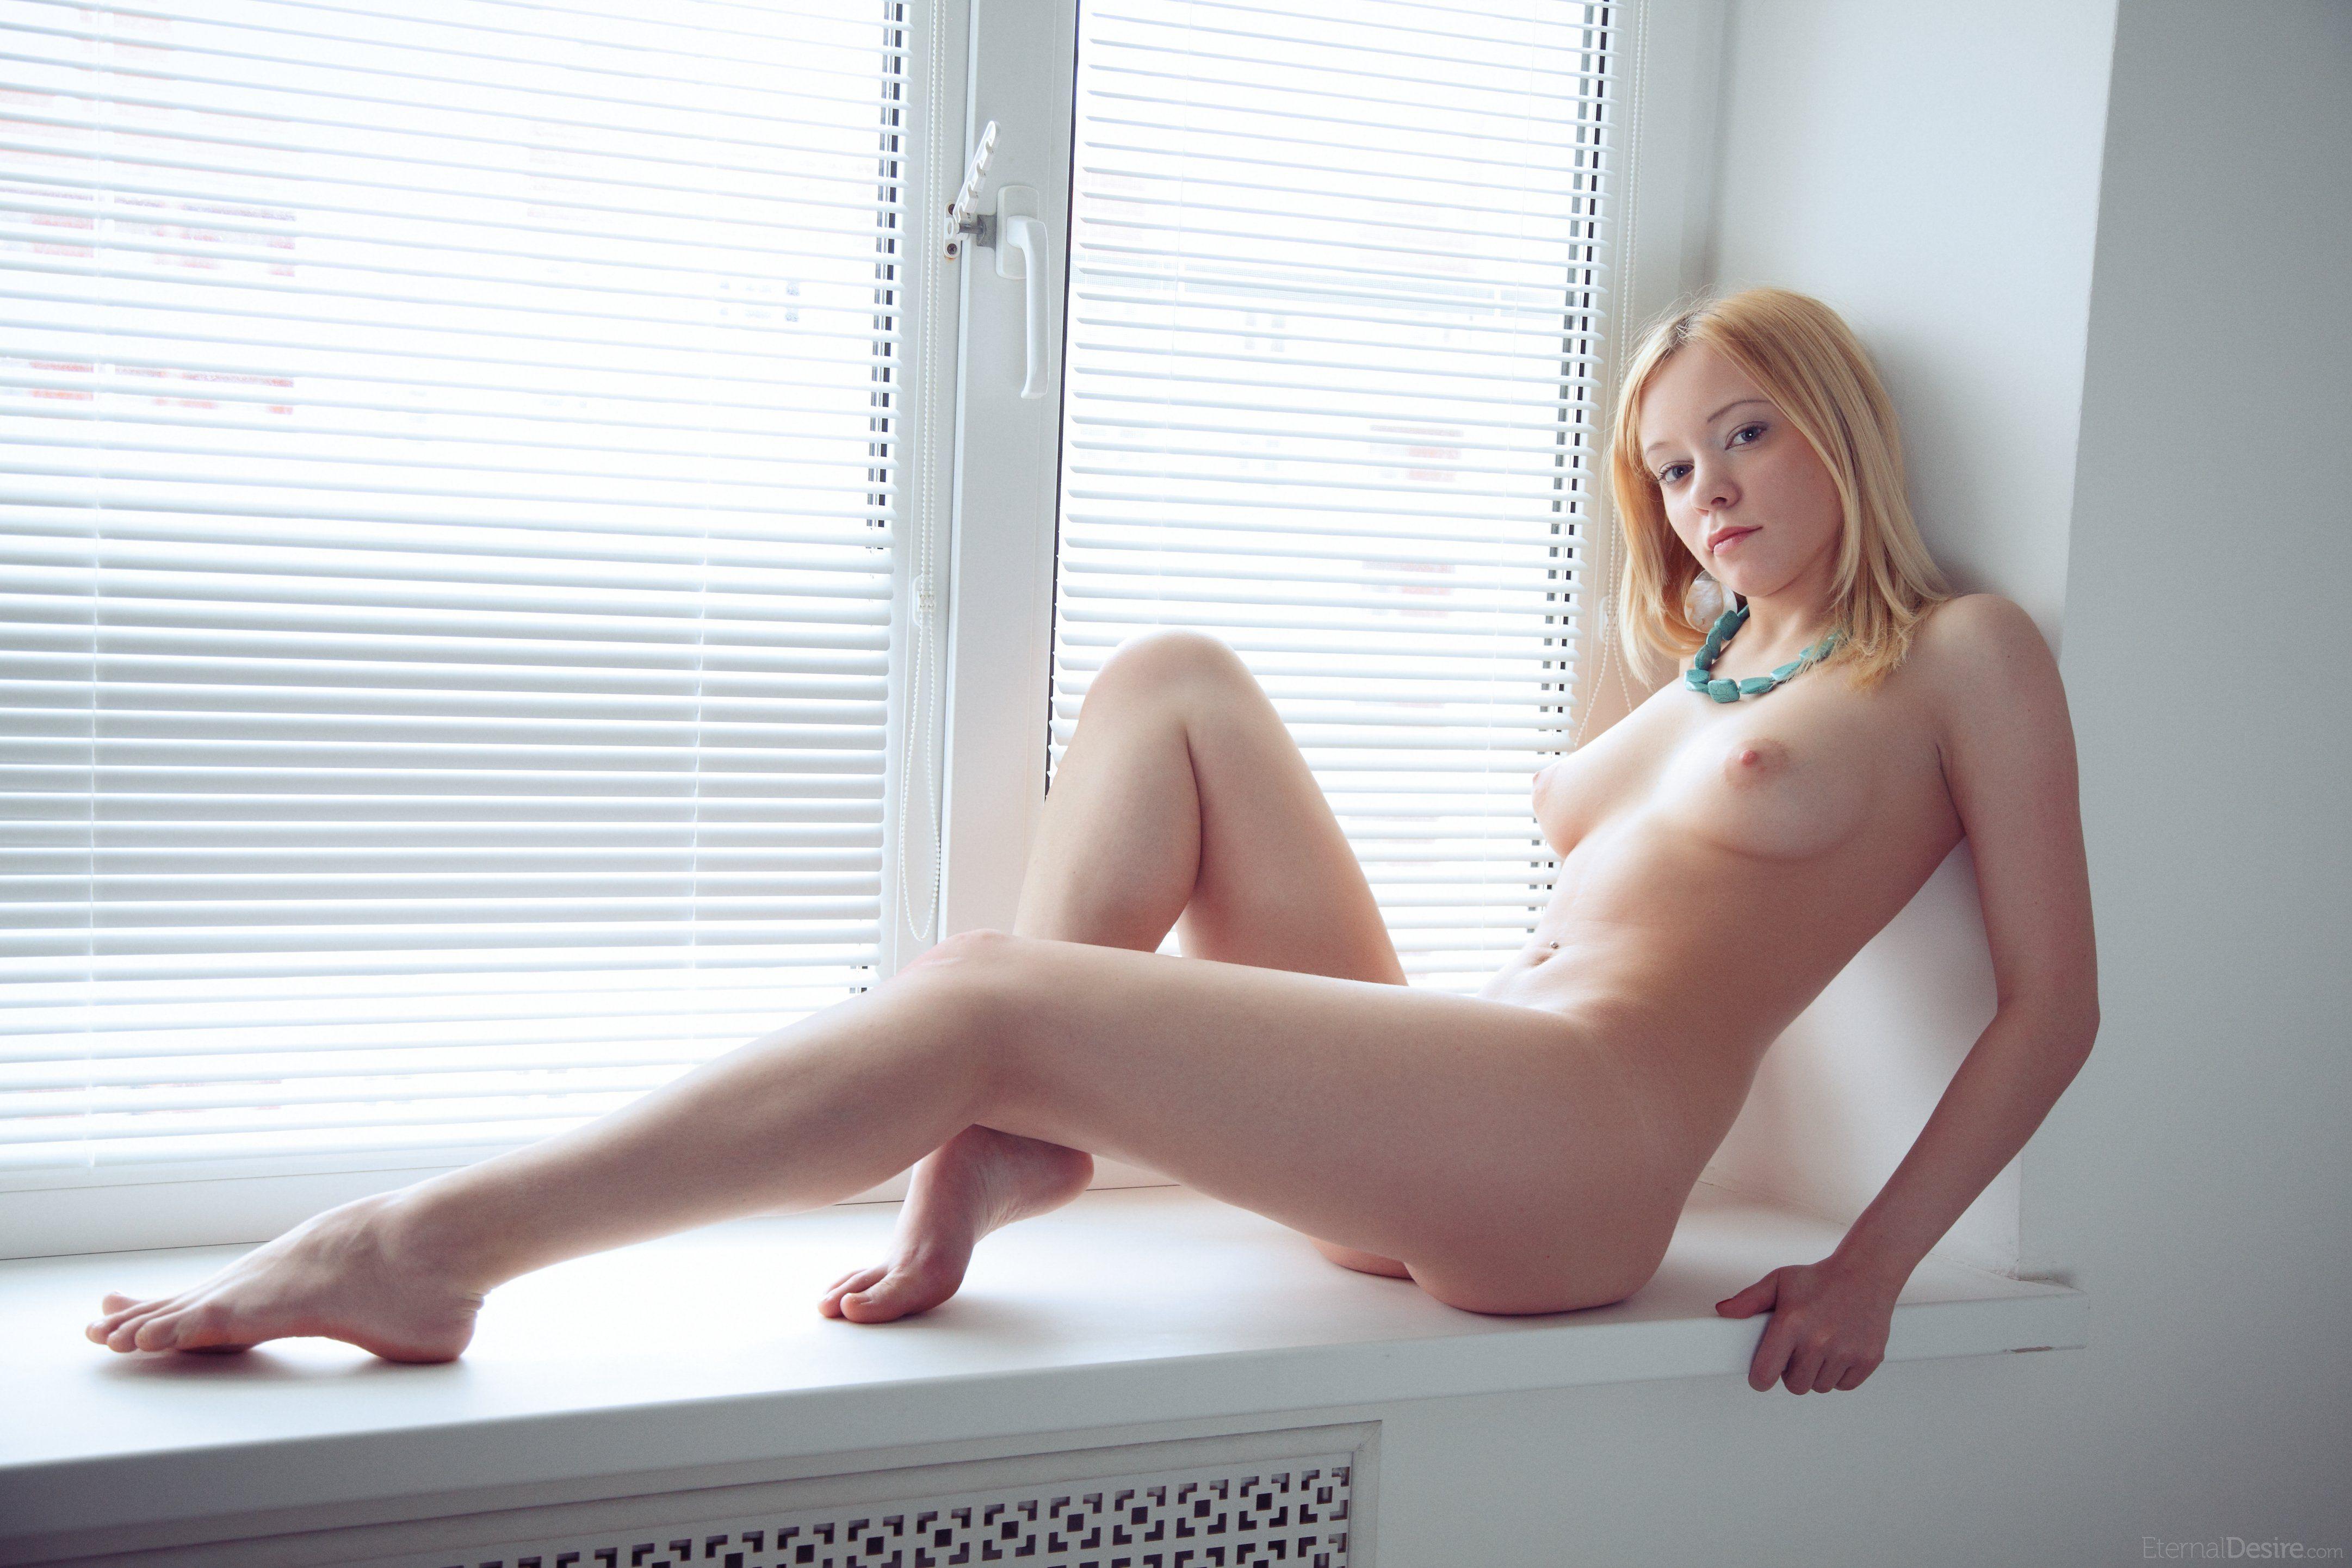 http://i2.imageban.ru/out/2013/05/16/92ae1272705813b61c74255f340ab9e5.jpg